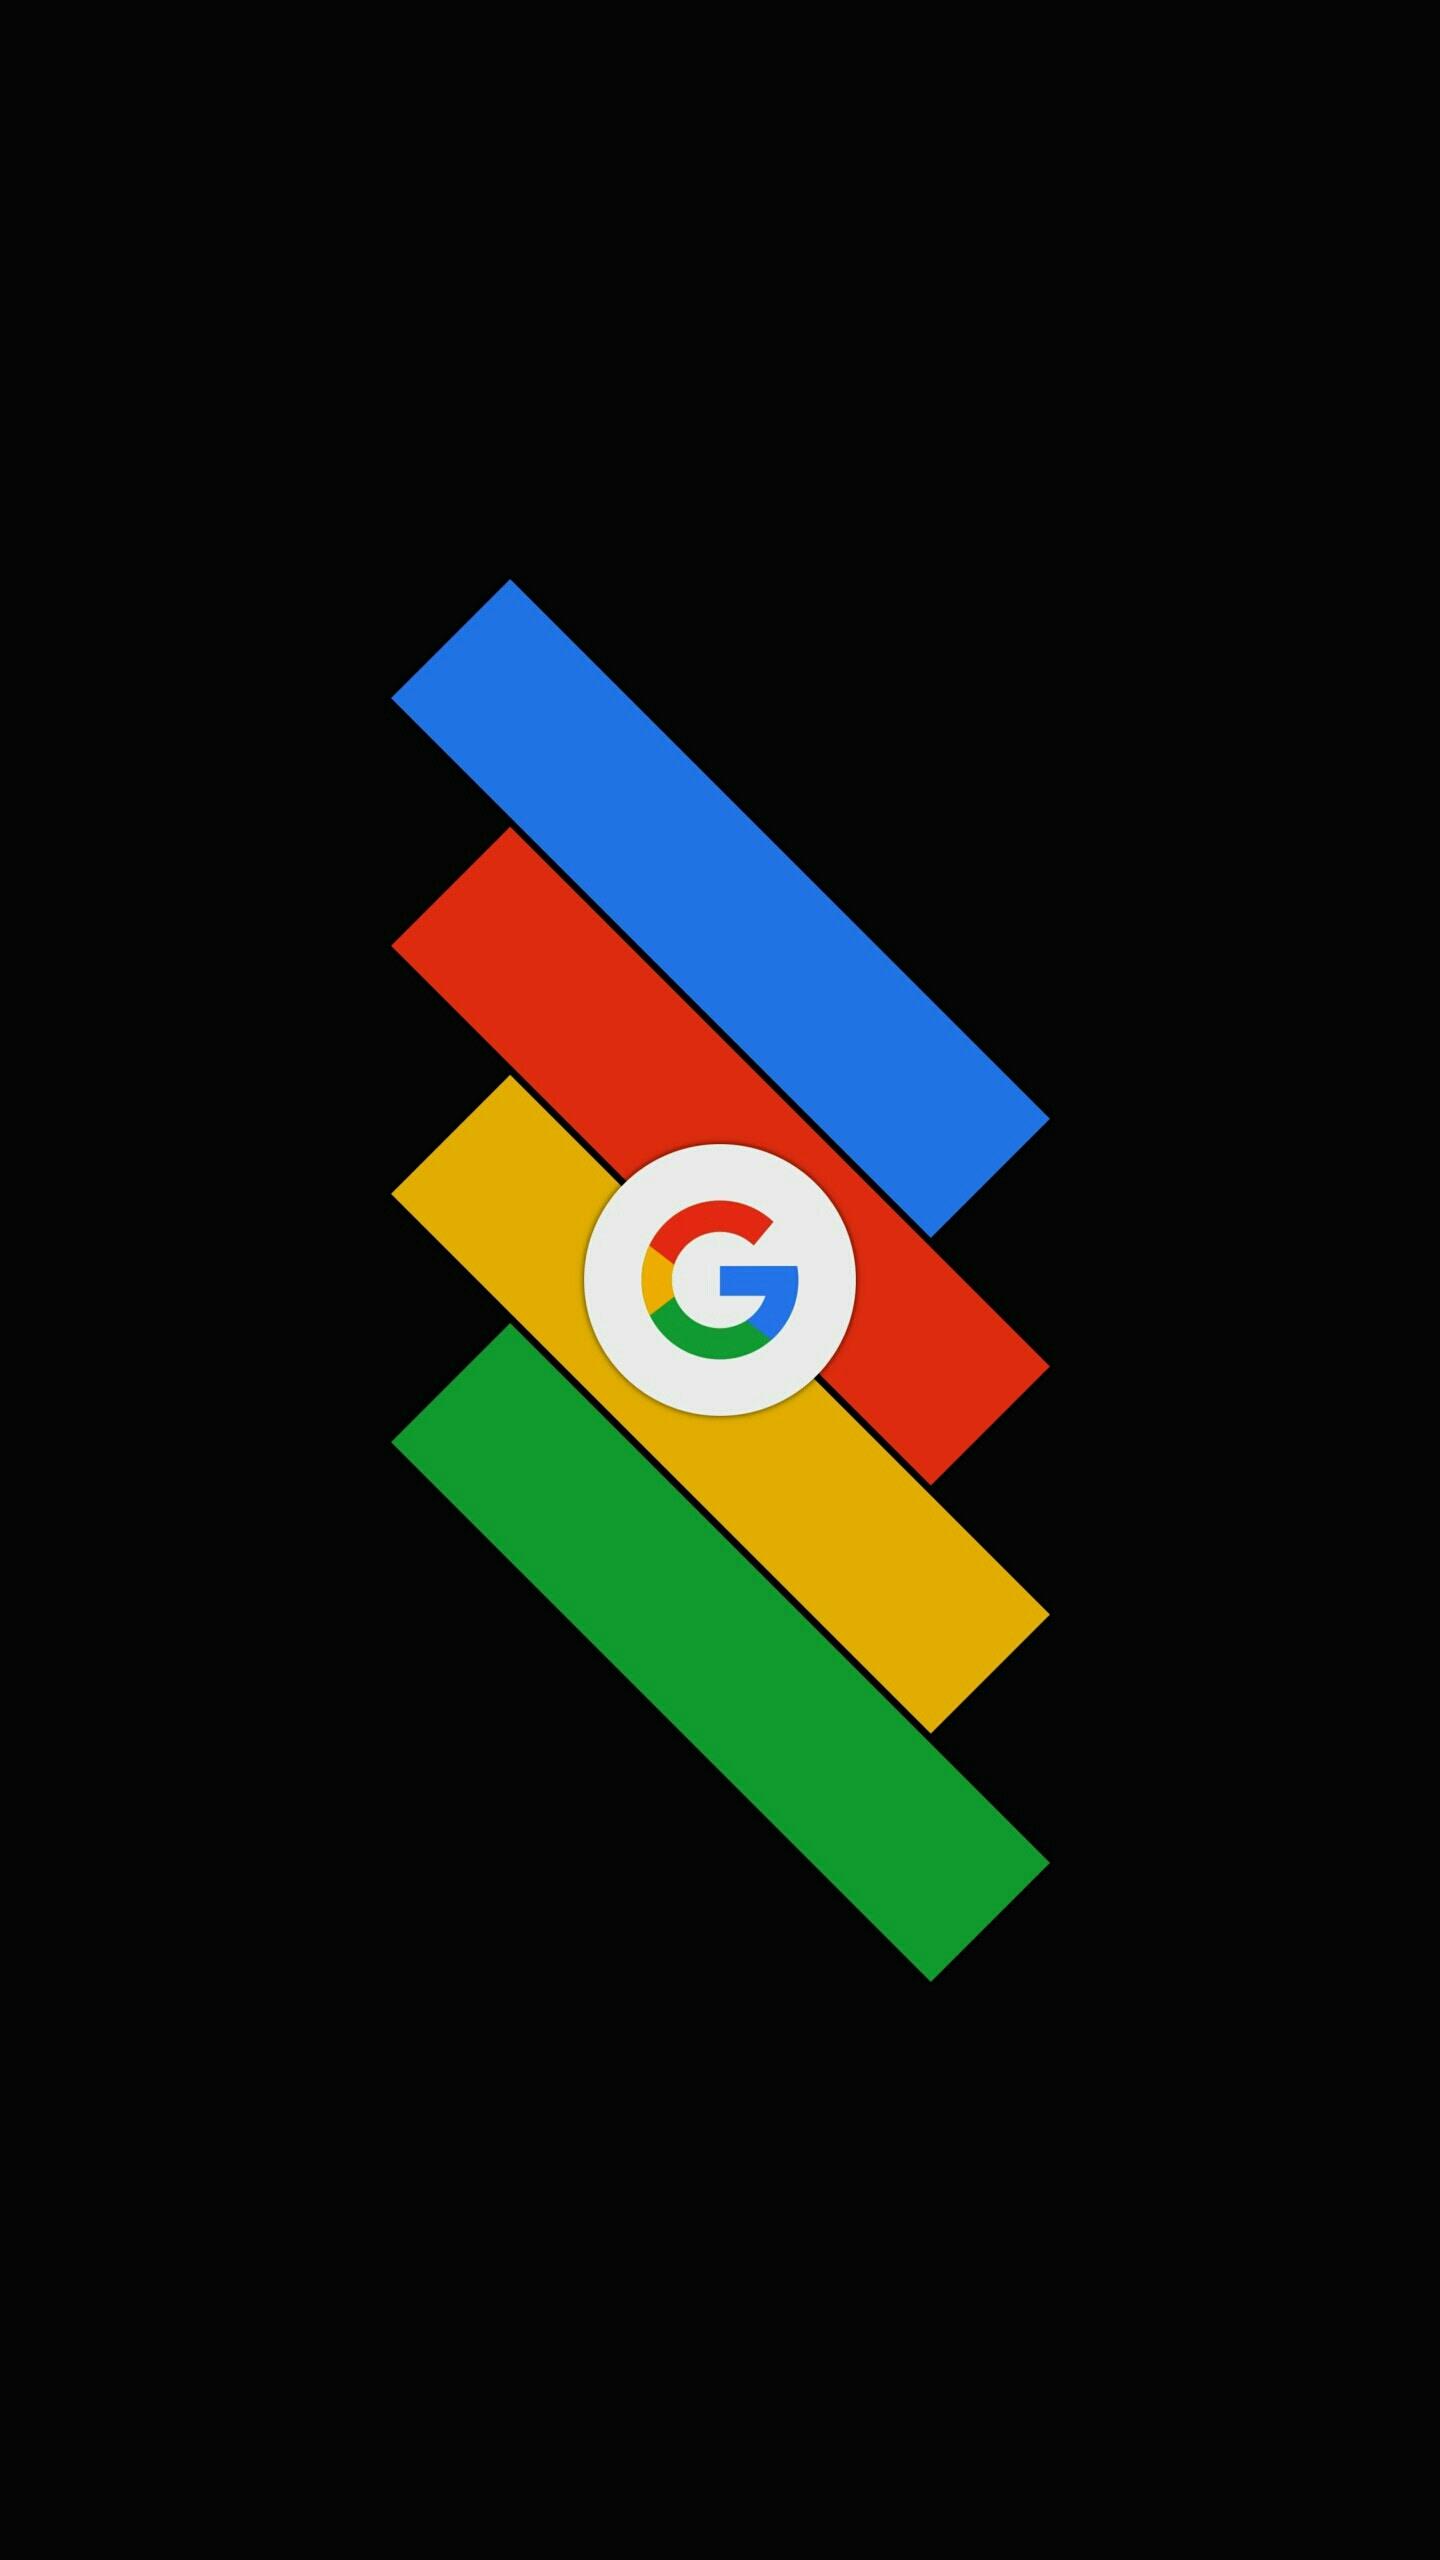 �V��>�_【v粉壁纸】google谷歌标识 10p